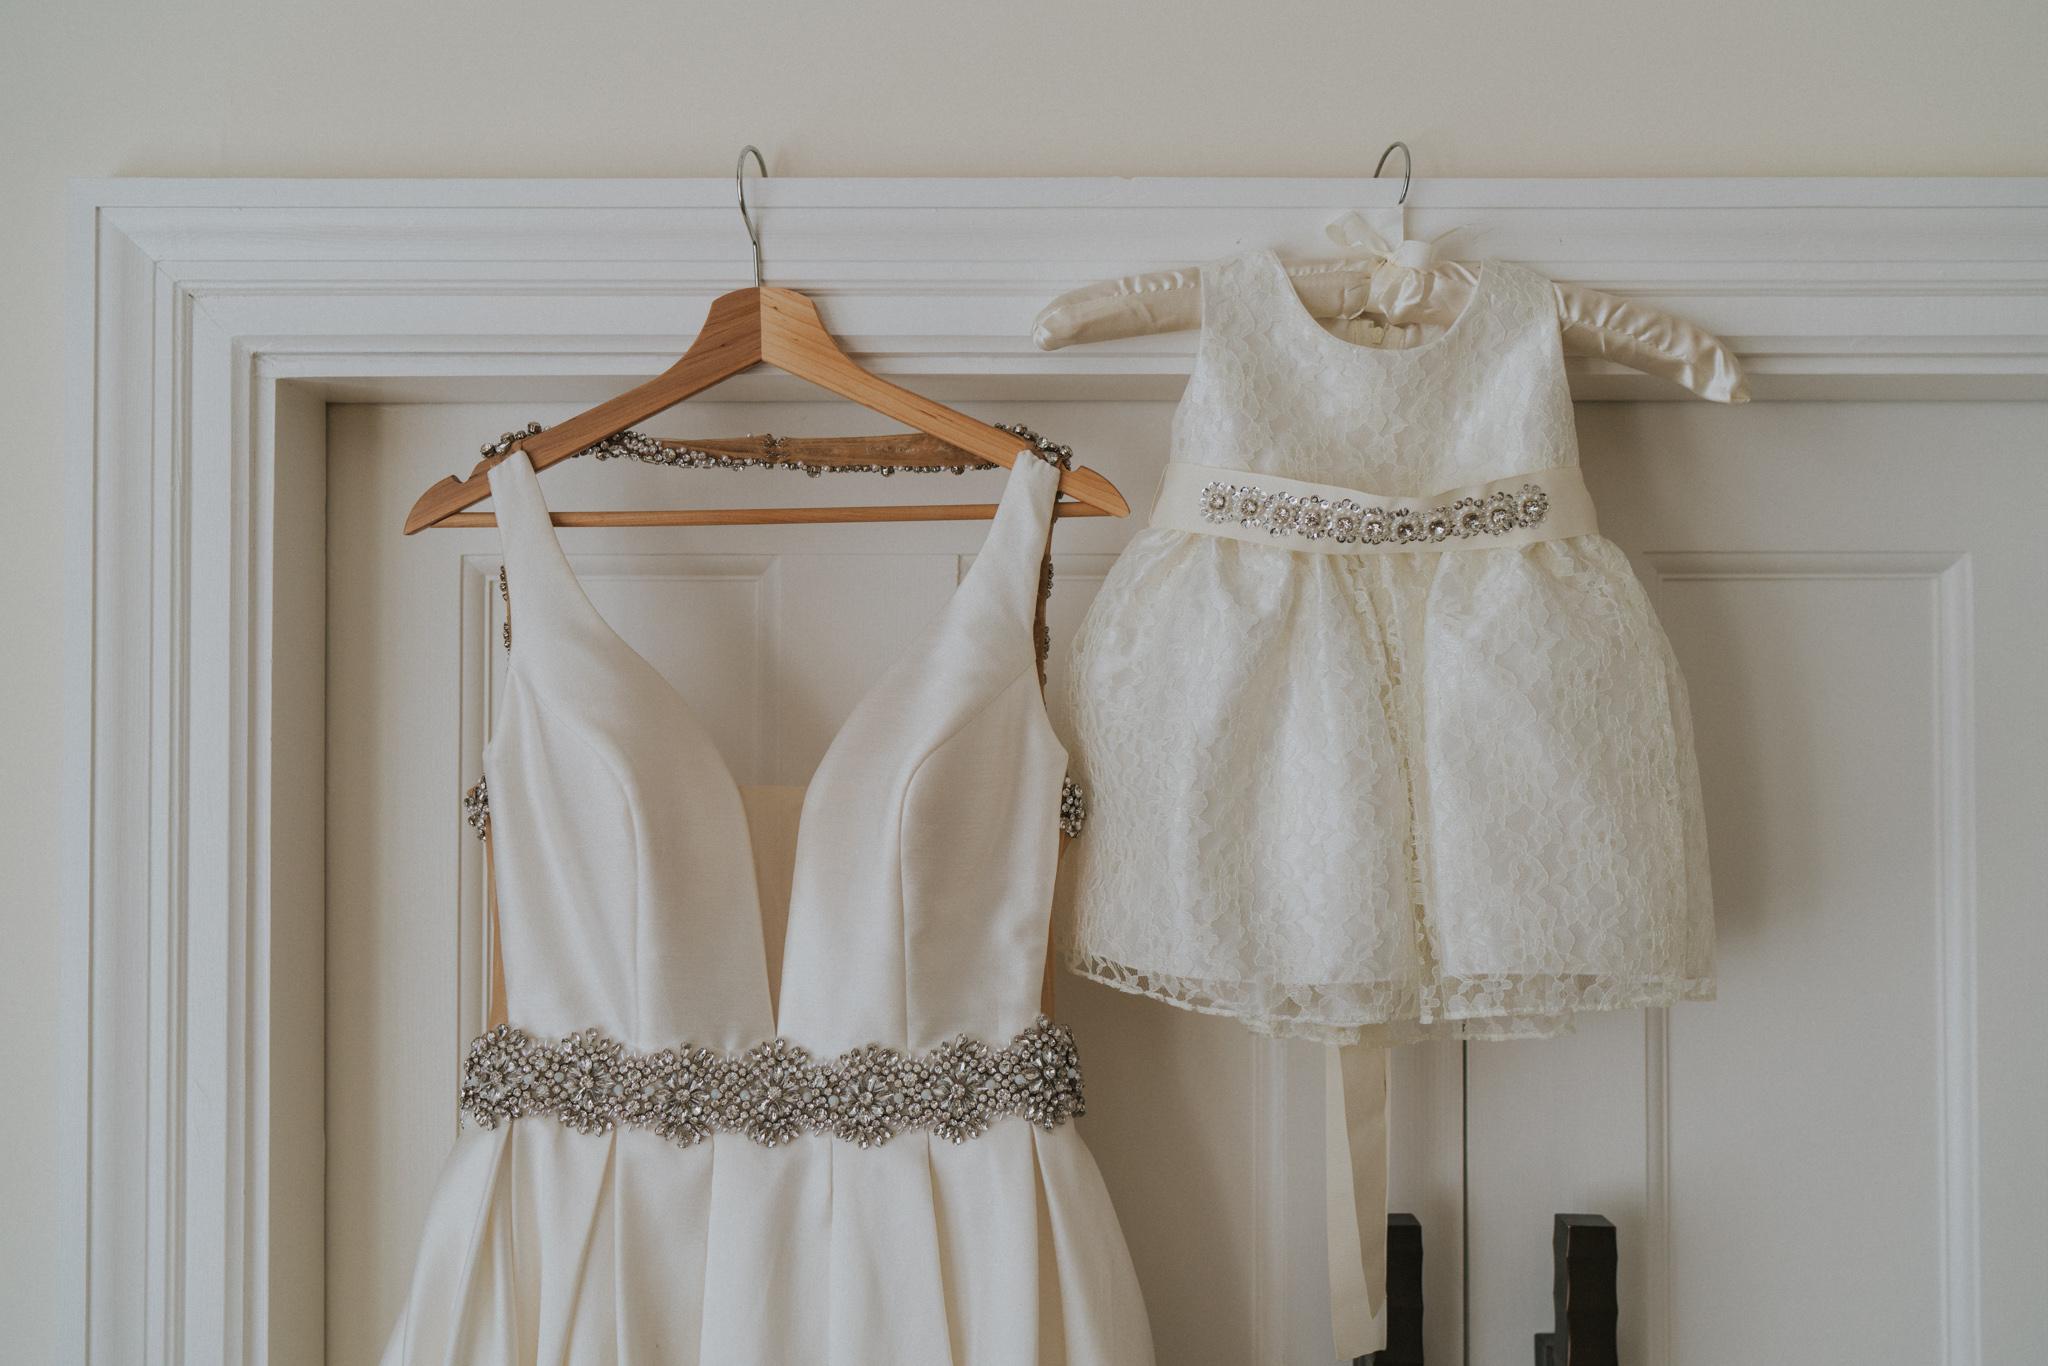 tess-adam-colchester-intimate-elopement-grace-elizabeth-colchester-essex-alternative-wedding-lifestyle-photographer-essex-suffolk-norfolk-devon (4 of 20).jpg